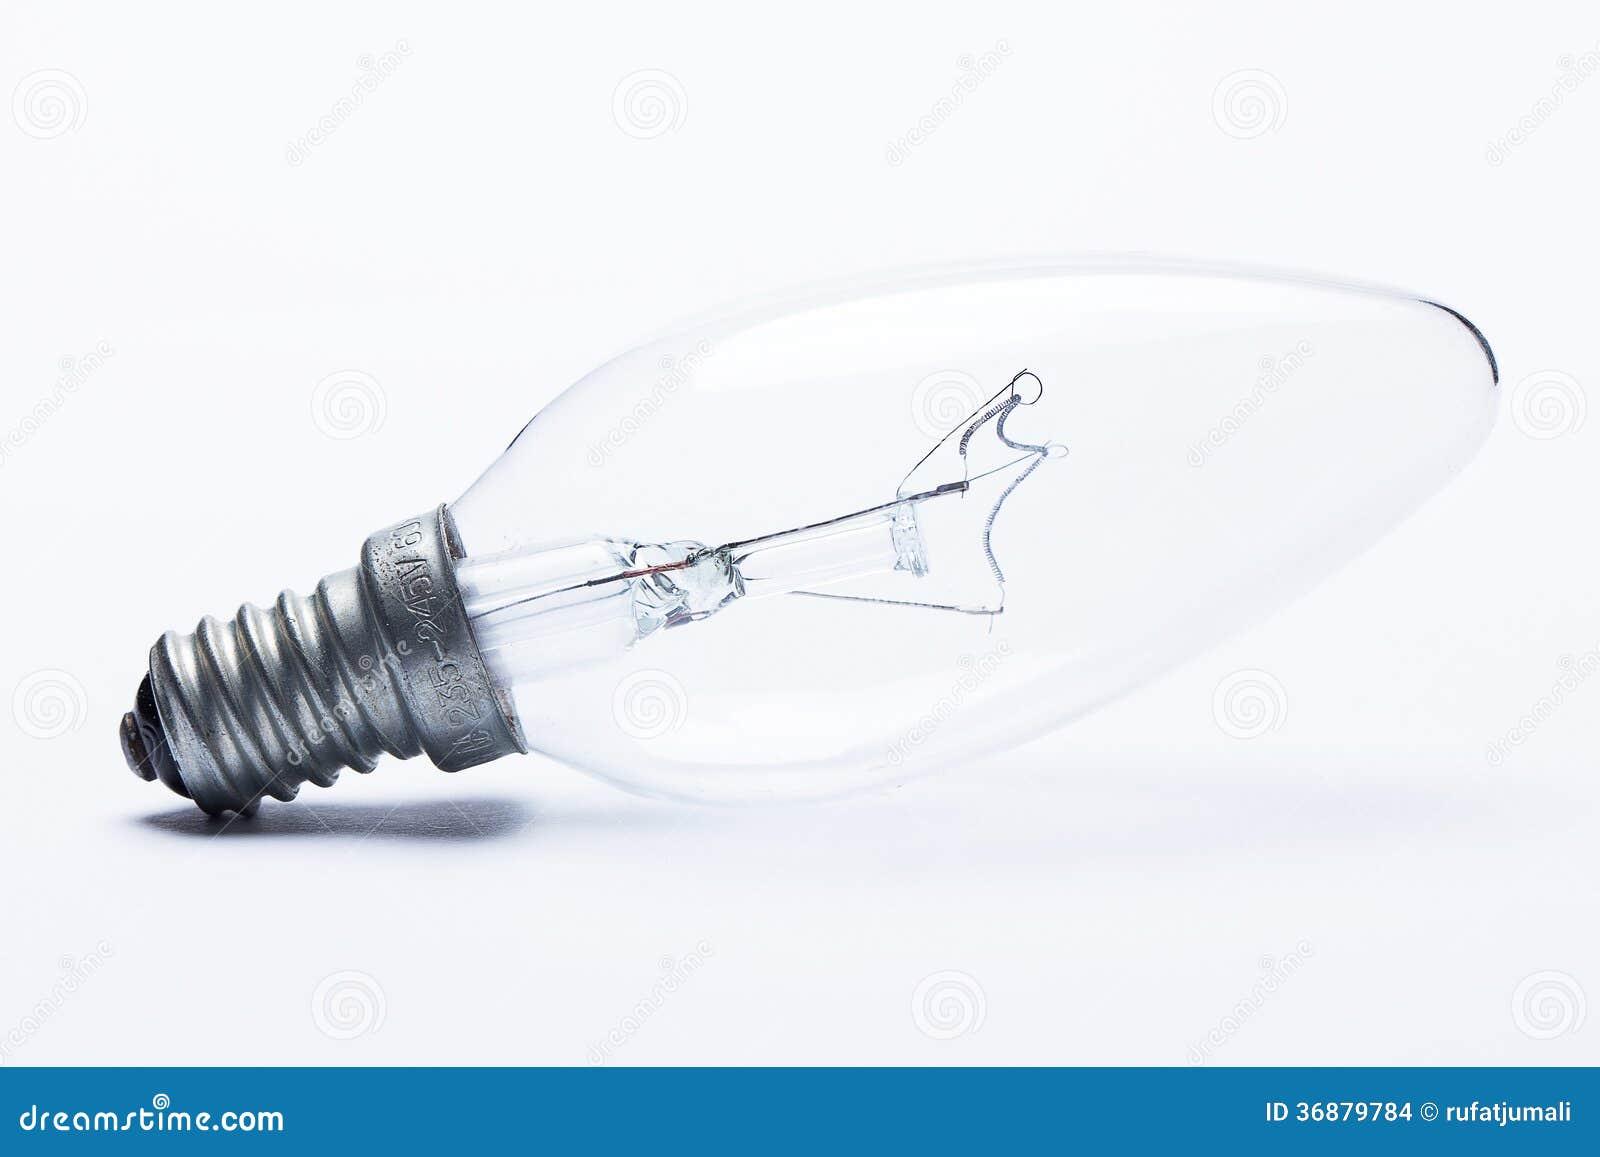 Download Non Mi Lascerete Mai Nello Scuro Più Illustrazione di Stock - Illustrazione di icona, vetro: 36879784